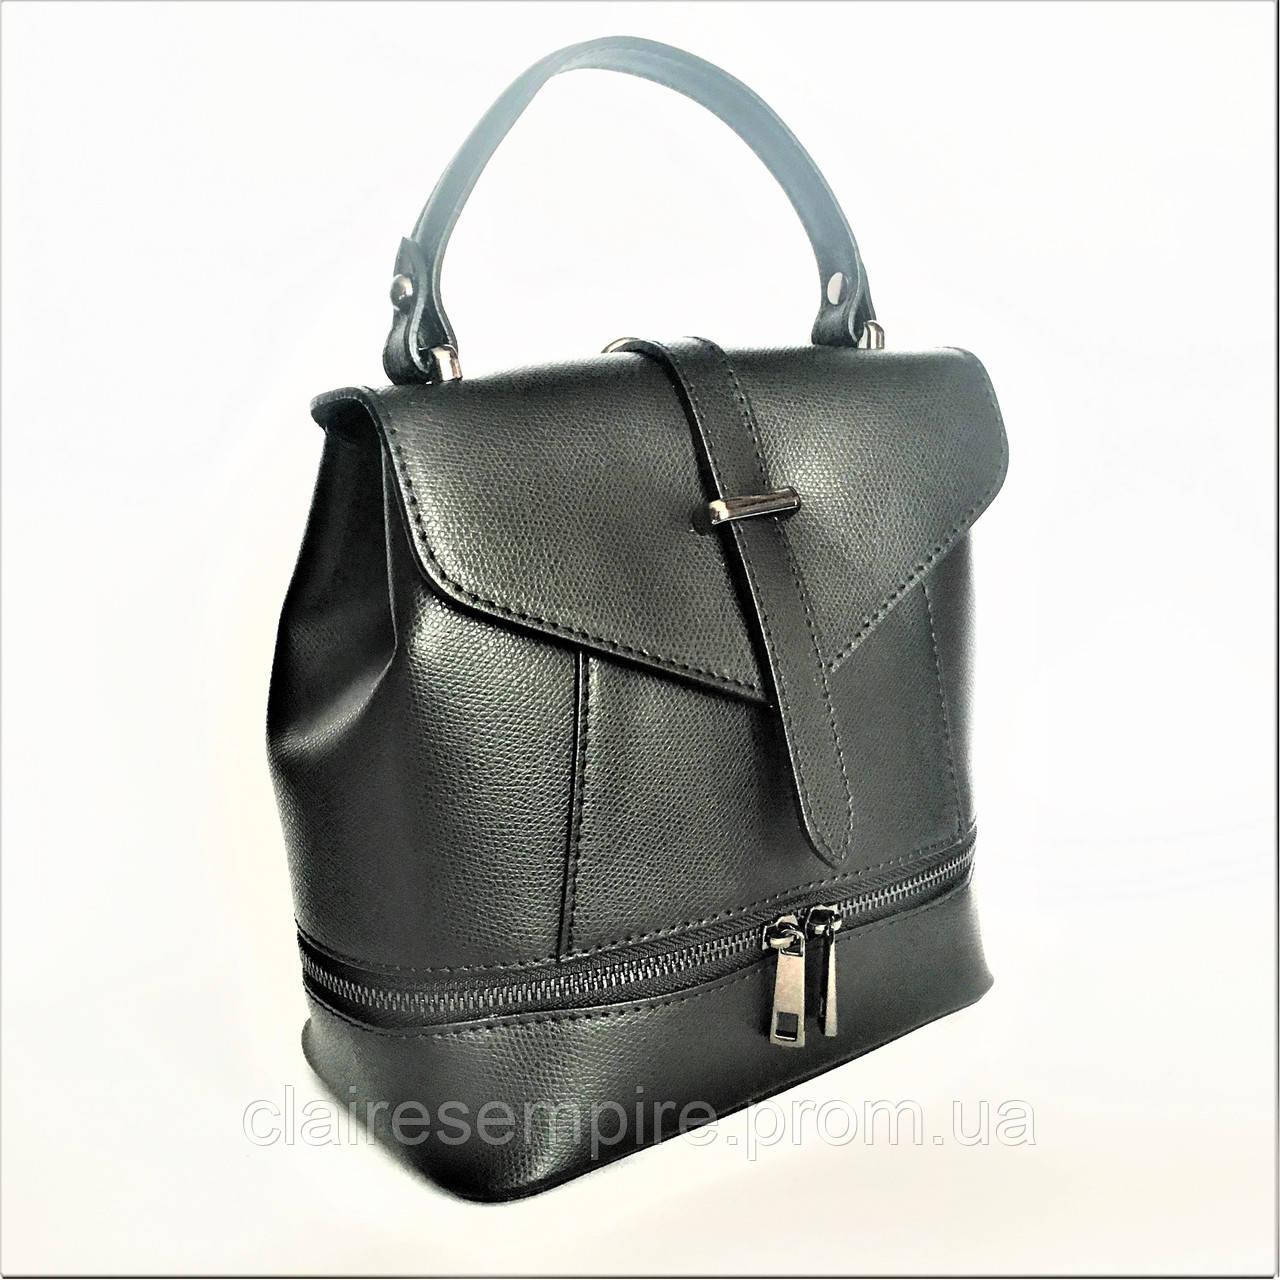 Сумка-рюкзак, кожа, Италия, black